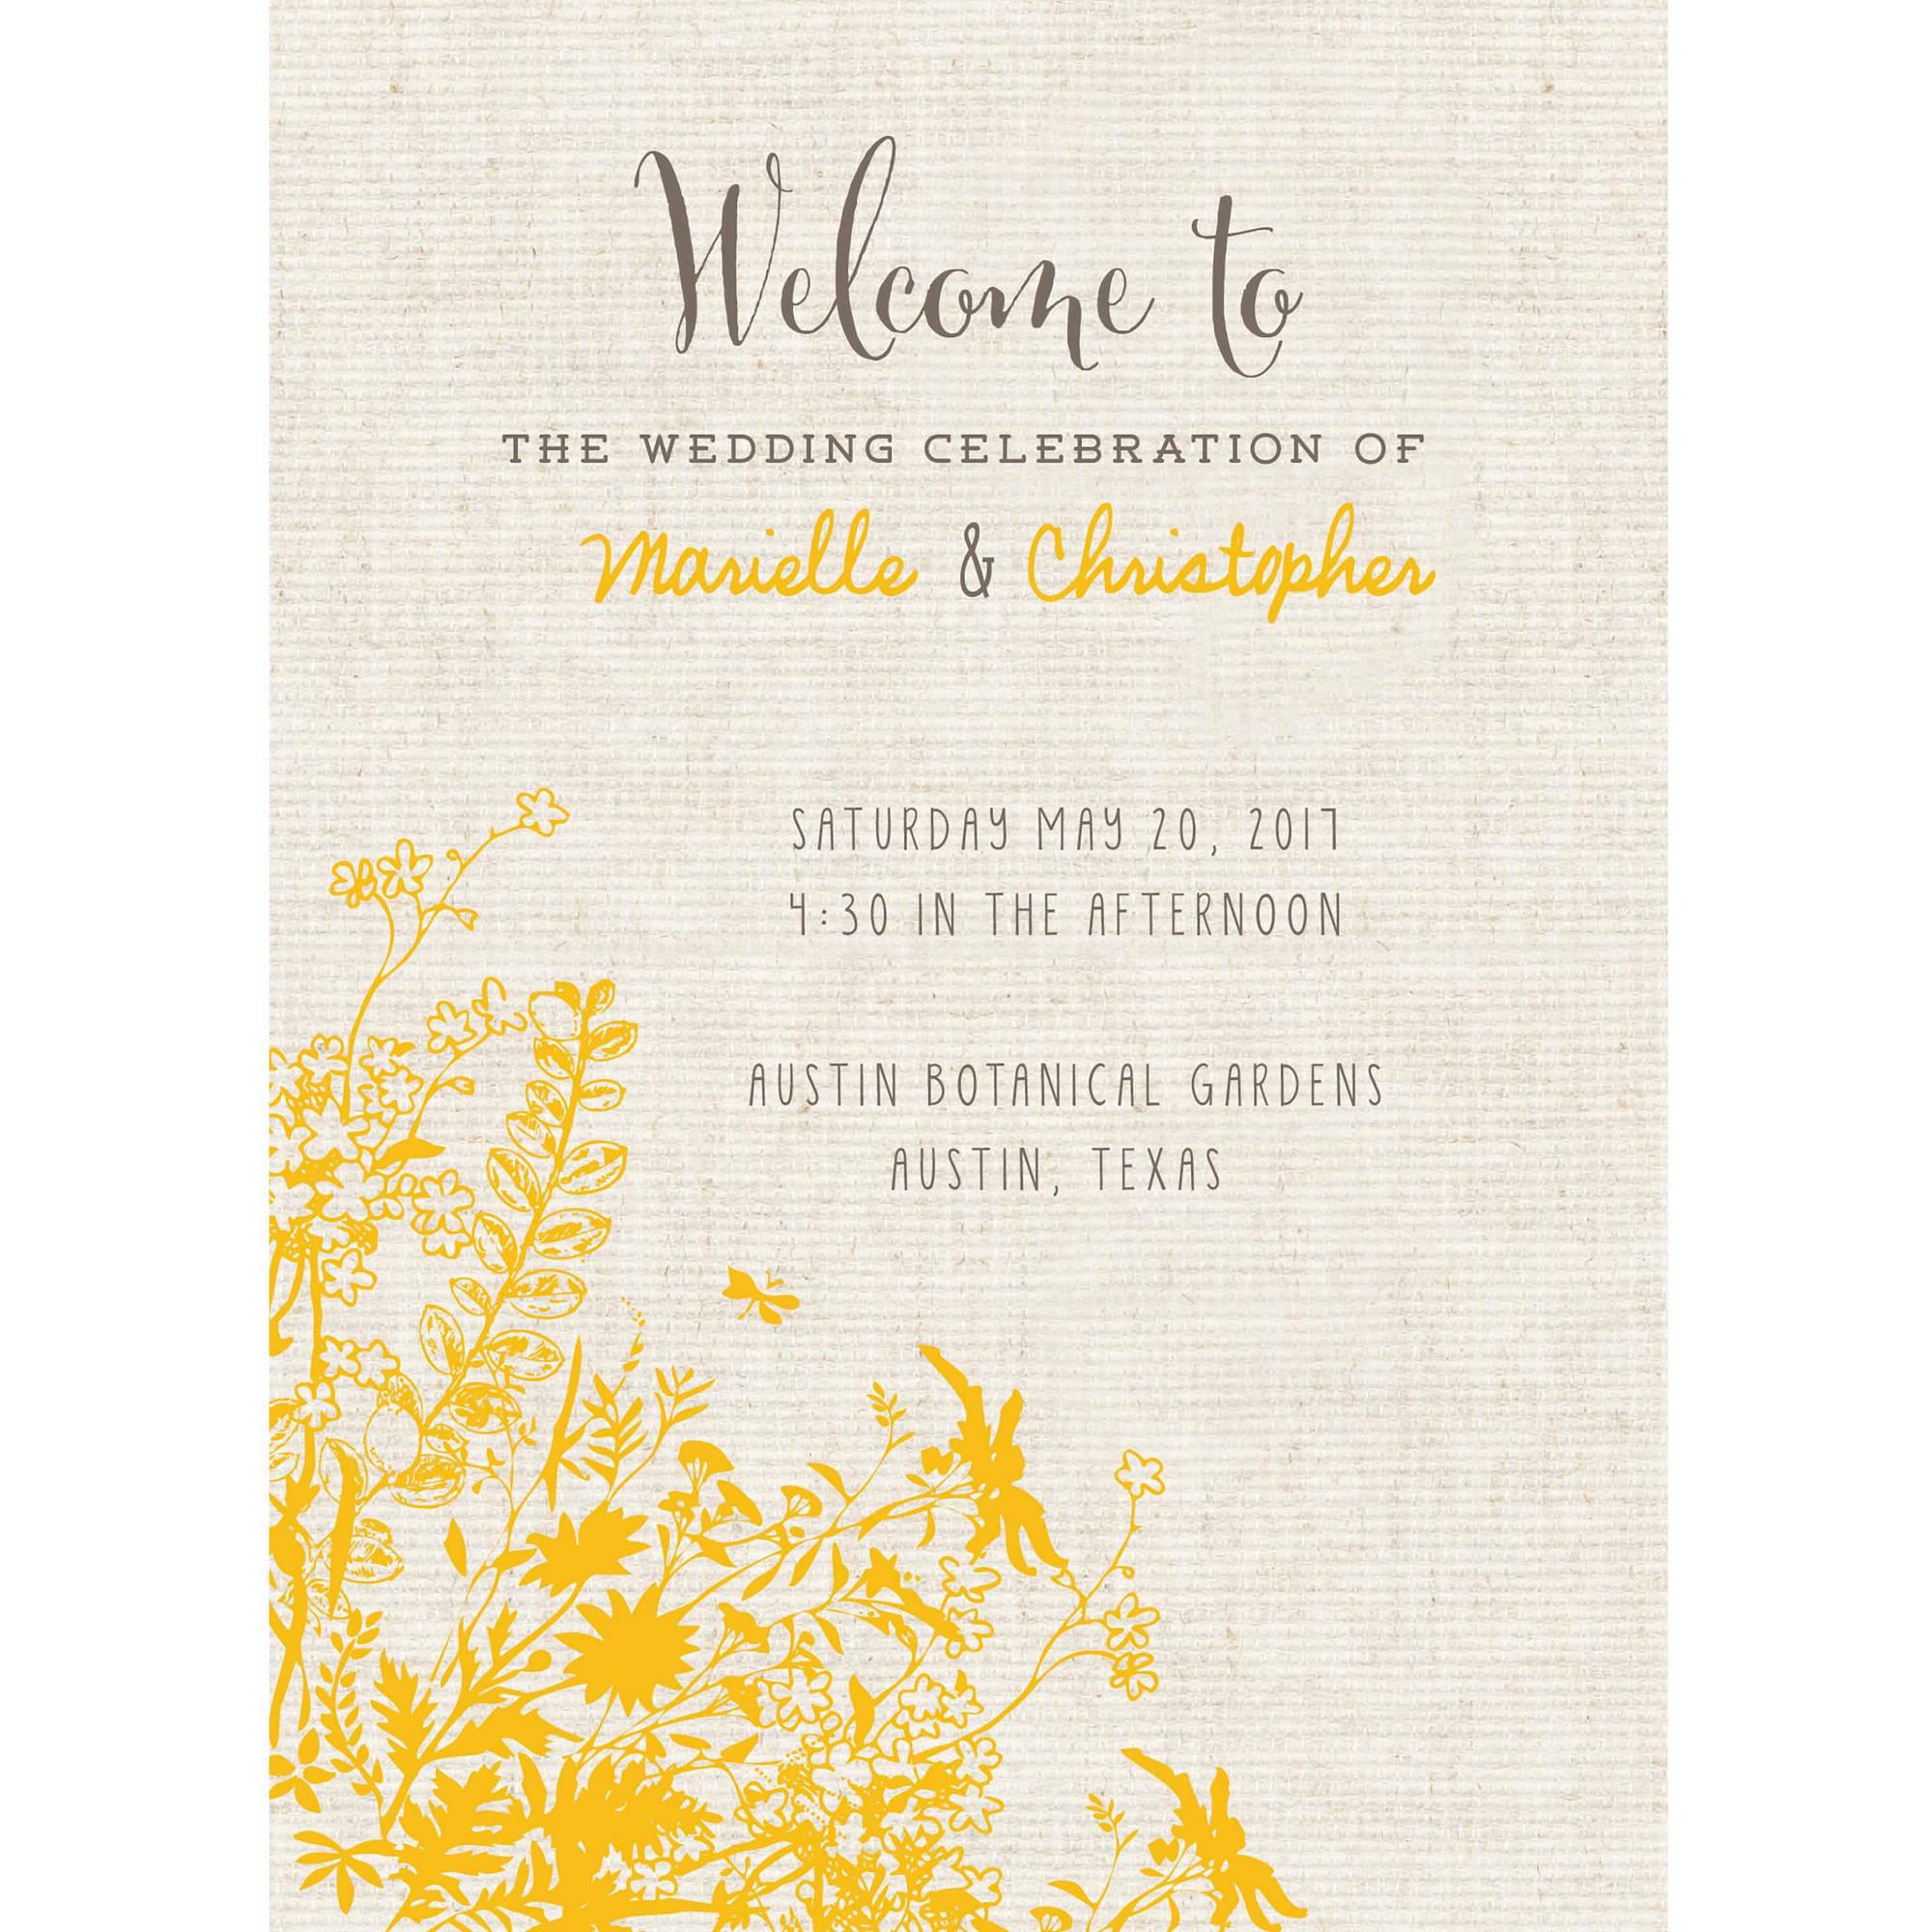 Wildflower Fields Standard Program Card